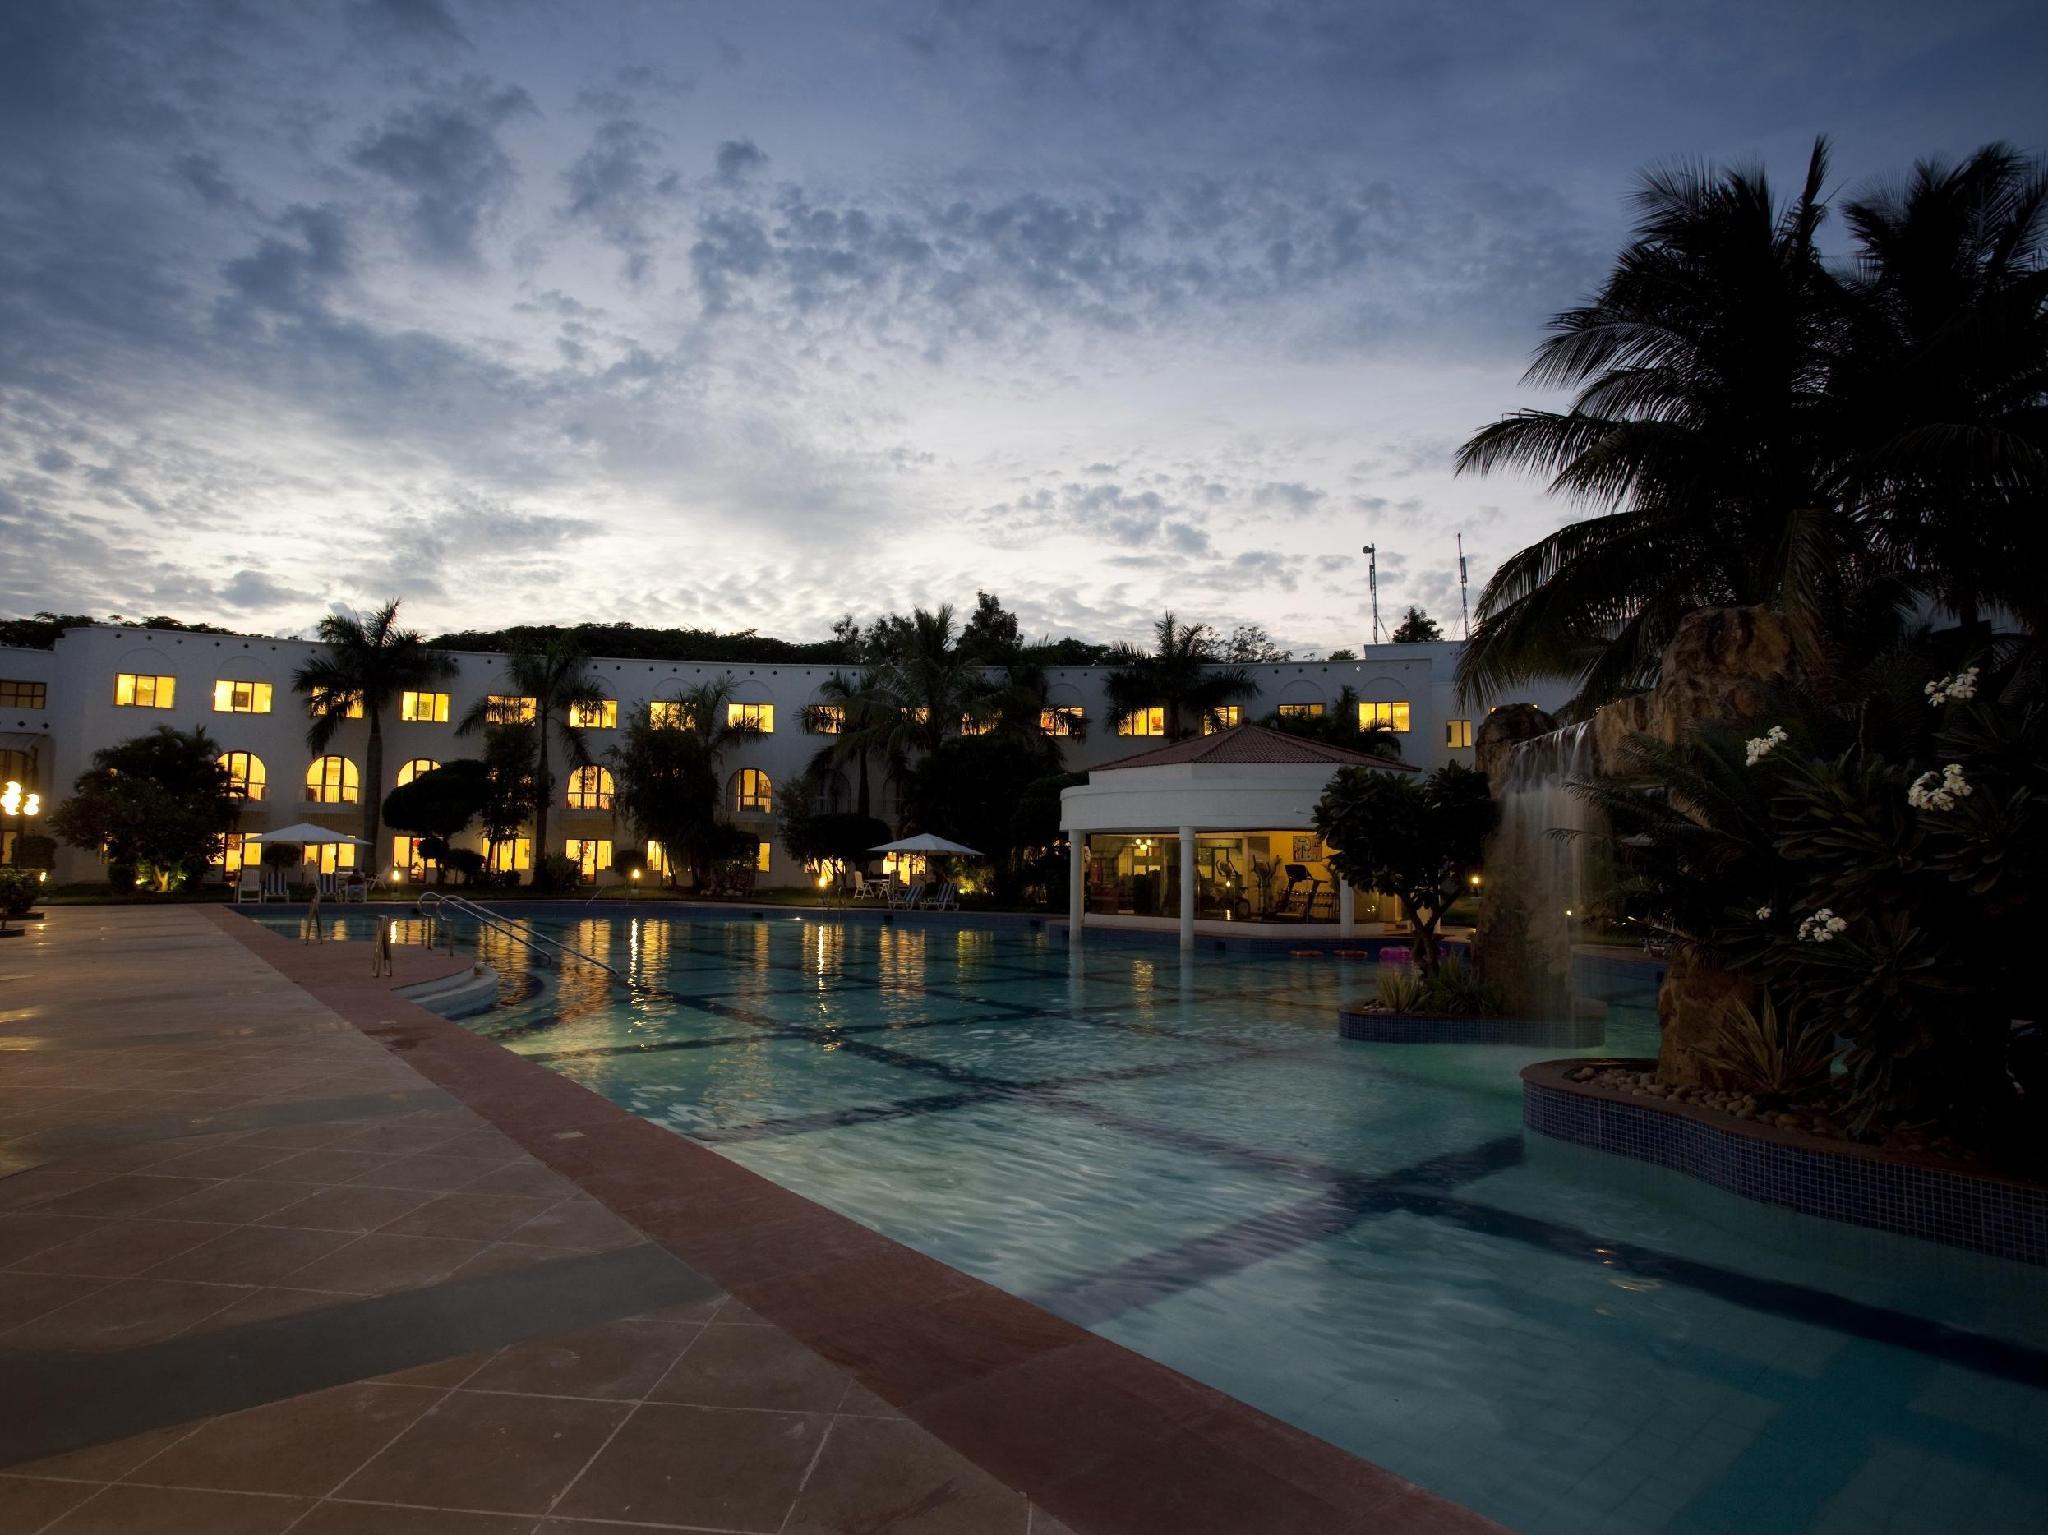 Lemon Tree Hotel Aurangabad - Aurangabad